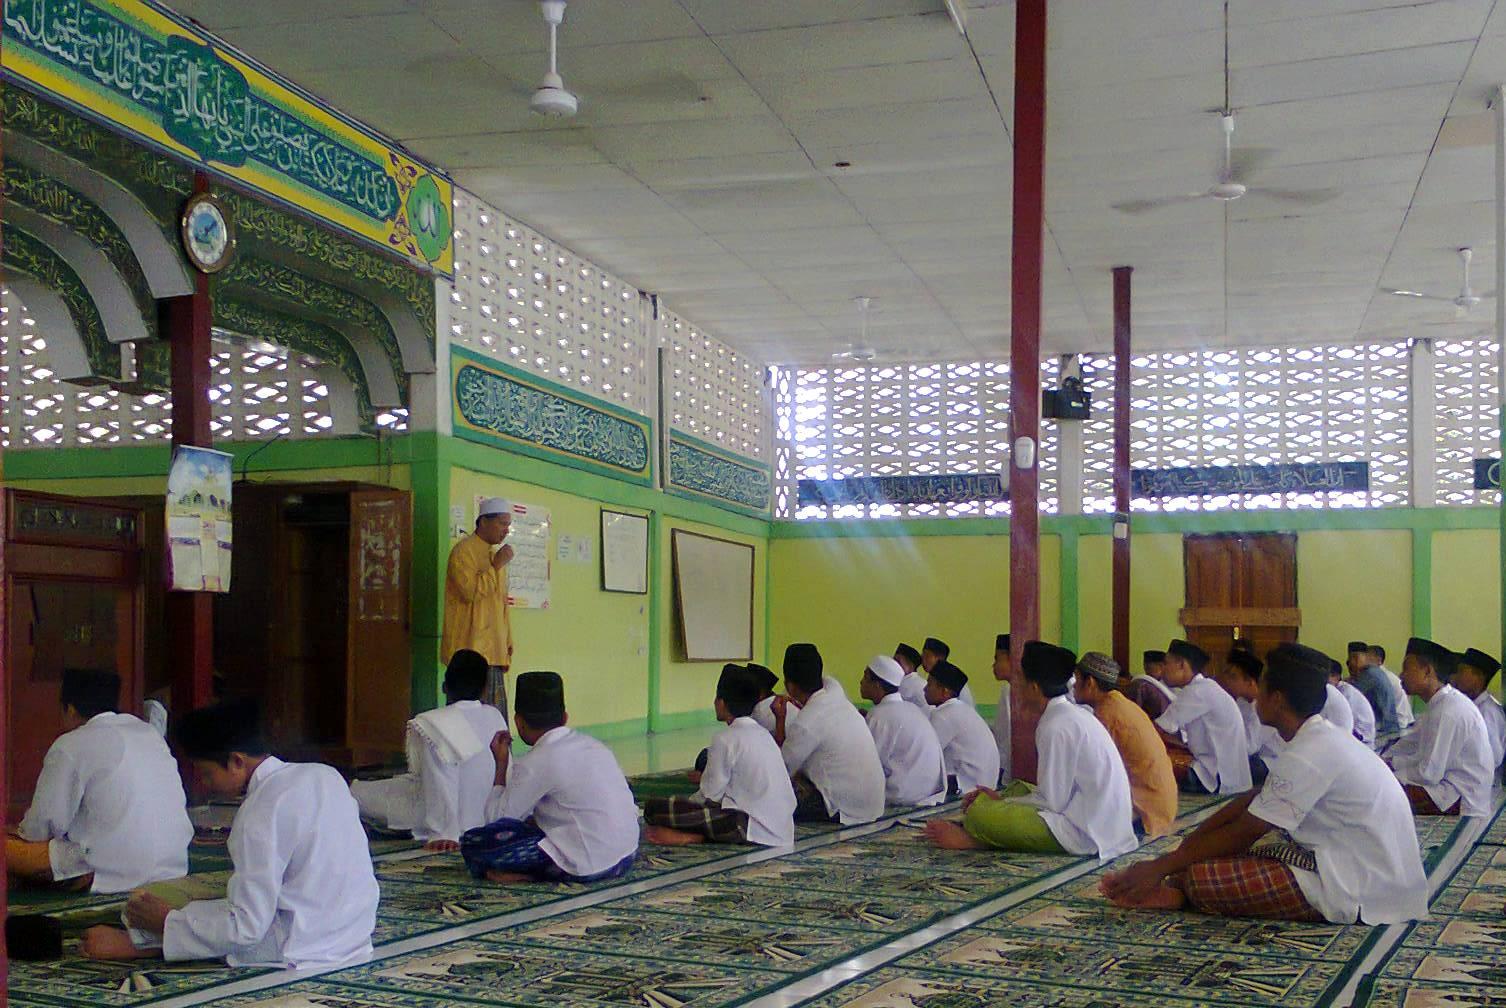 Pertukaran Pelajar. Pengusaha muda Kelantan, Moch. Ramzi Ibrahim, saat memberikan sambutan usai salat Jumat di Ponpes Modern Prof. Dr. Hamka, Padangpariaman, Jumat (2/5). FOTO/IST